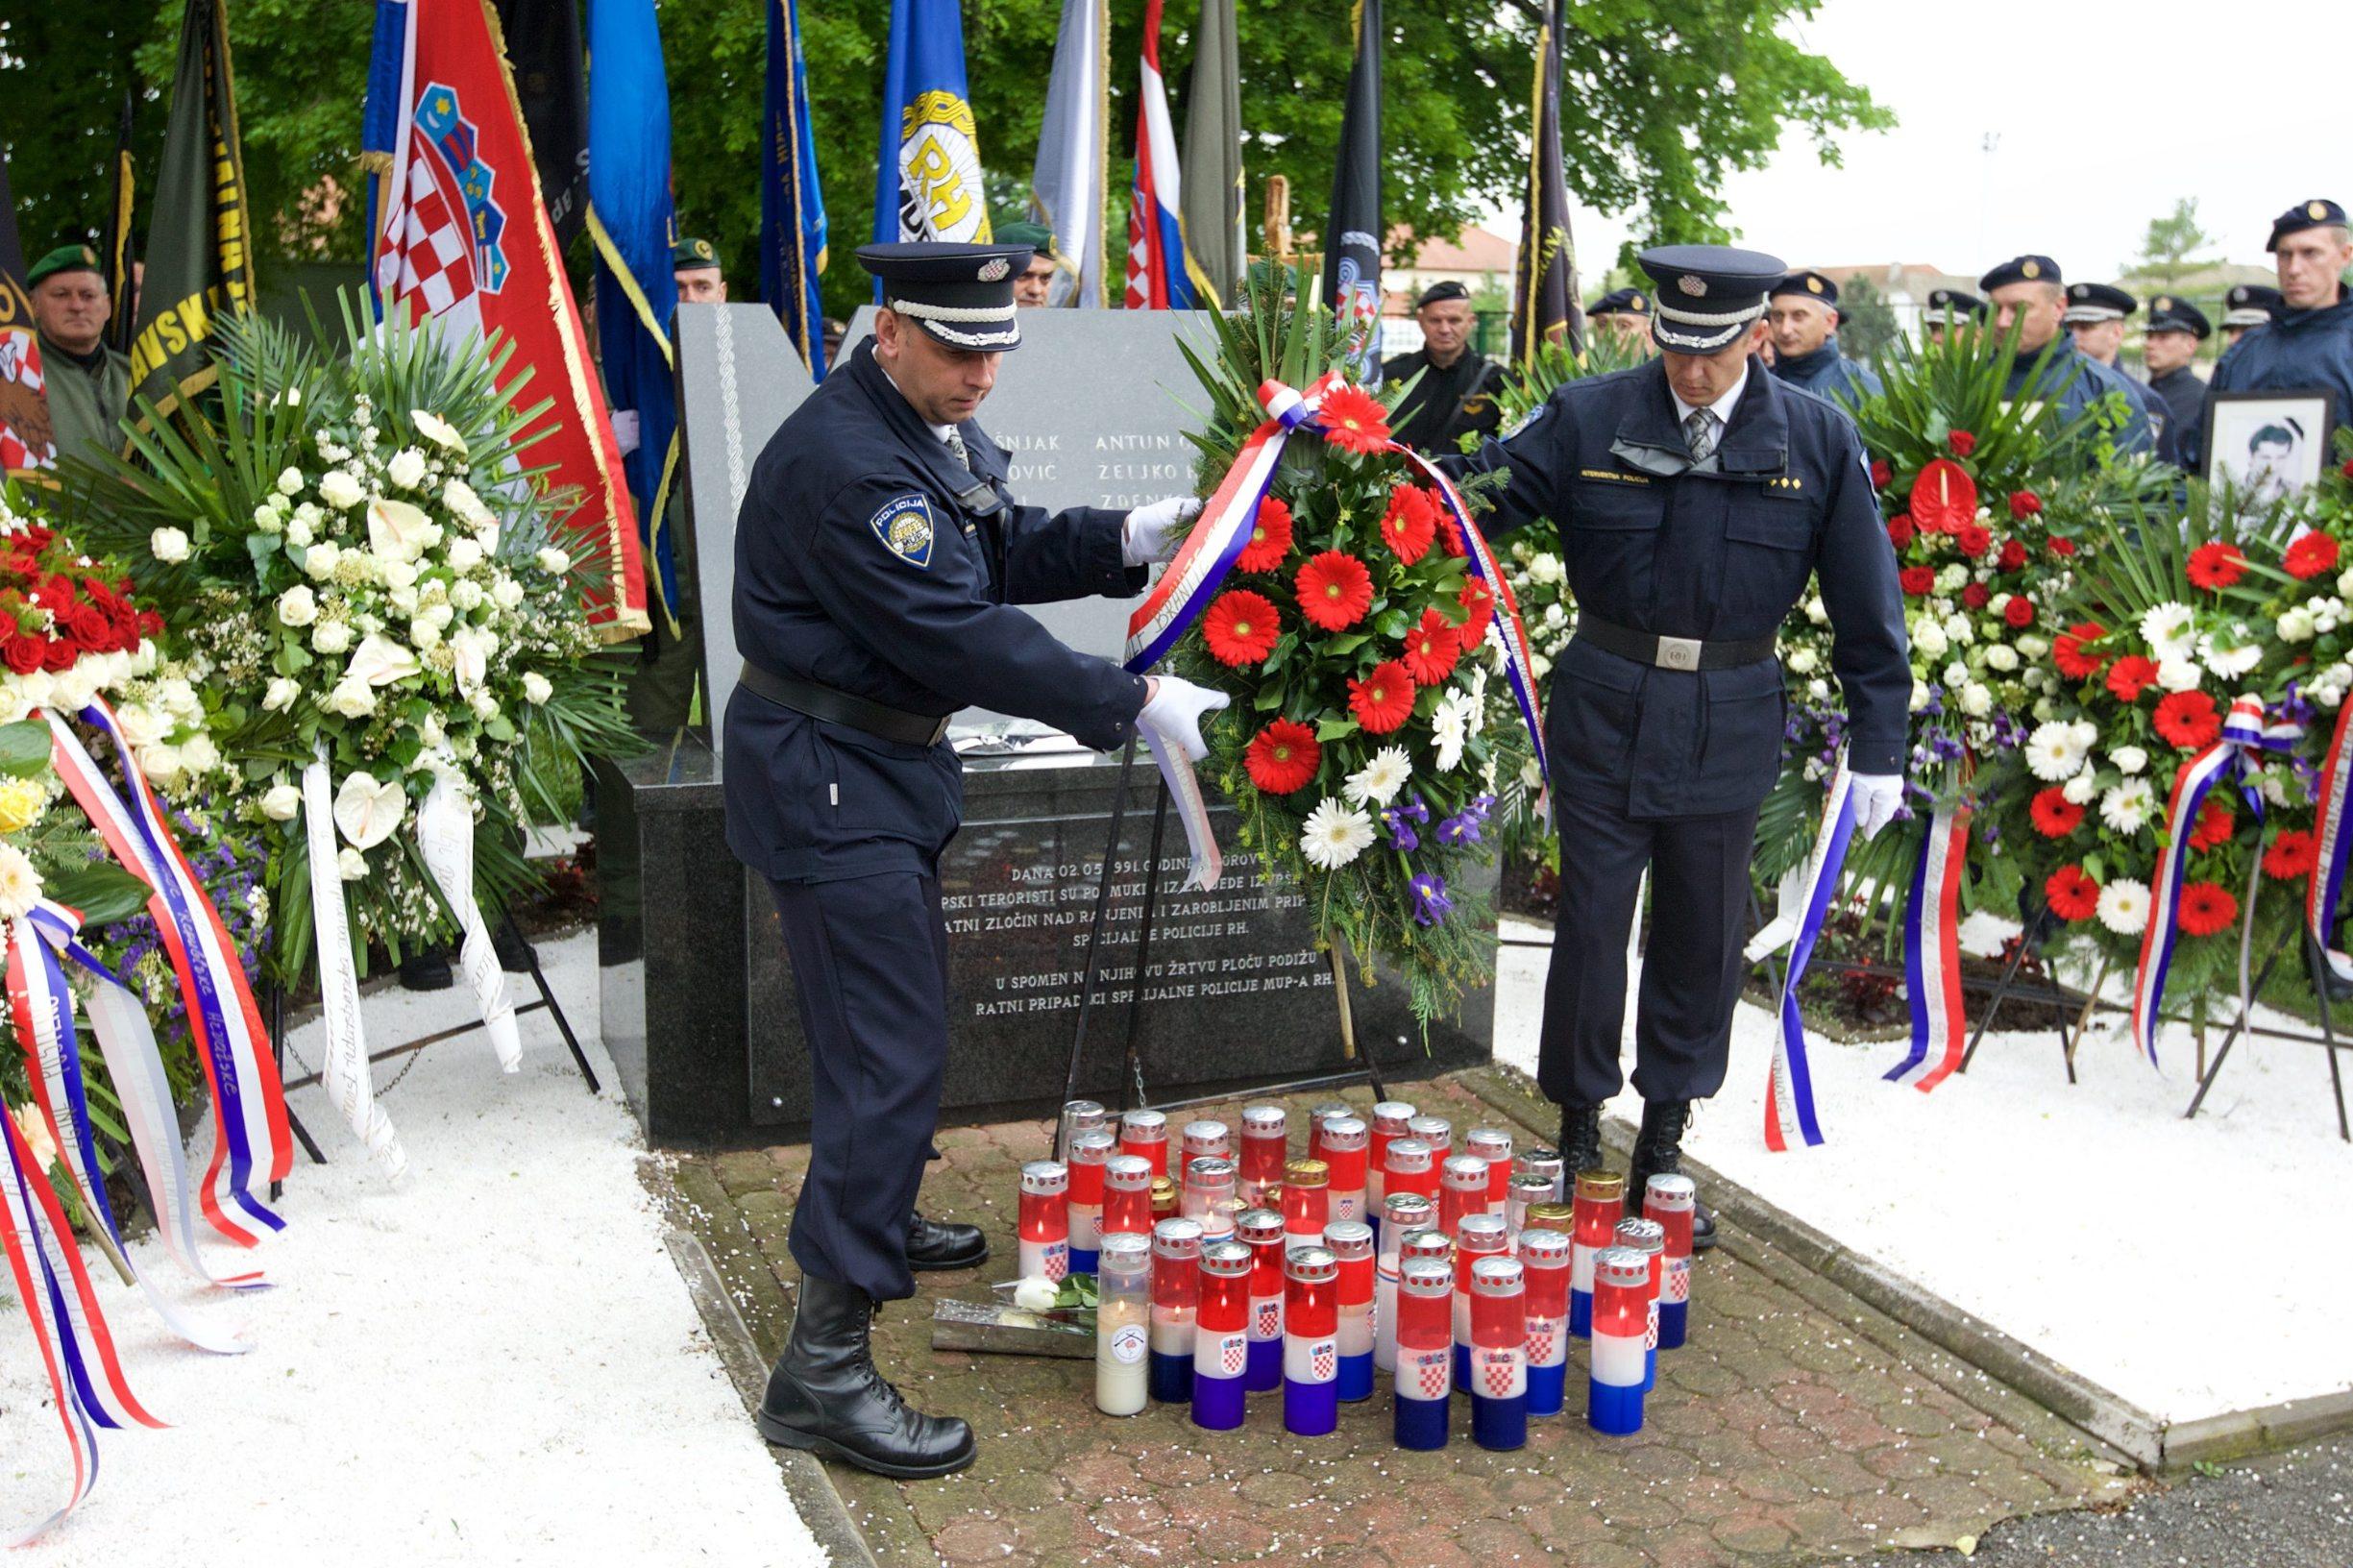 borovo_policajci19-020516